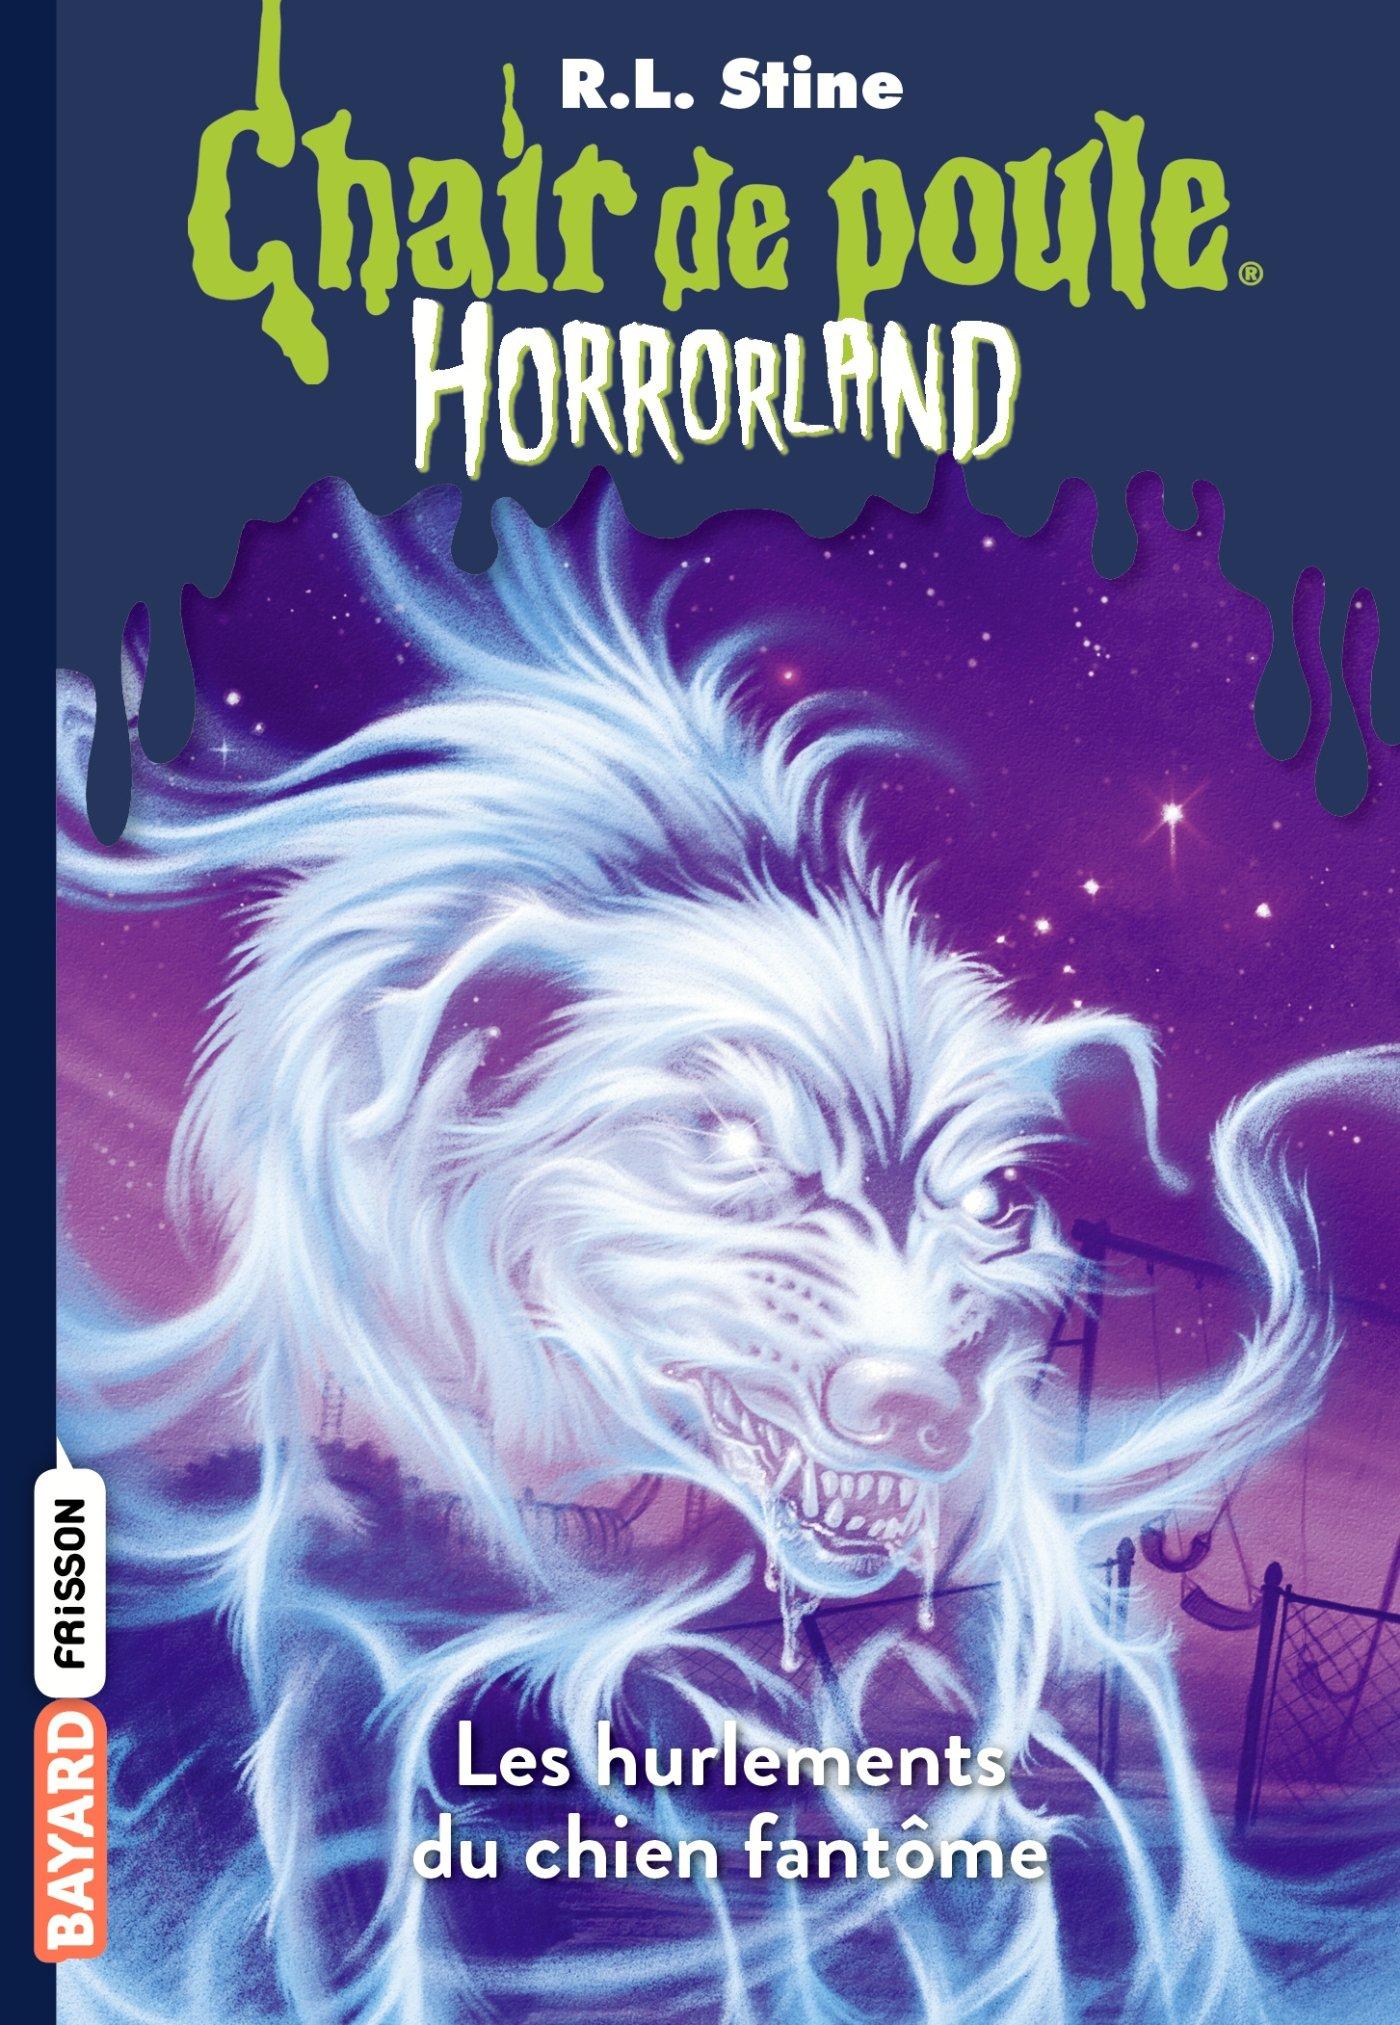 Horrorland, Tome 13: Les hurlements du chien fantôme Poche – 27 juin 2013 R.L Stine Bayard Jeunesse 2747045722 Romans jeunesse